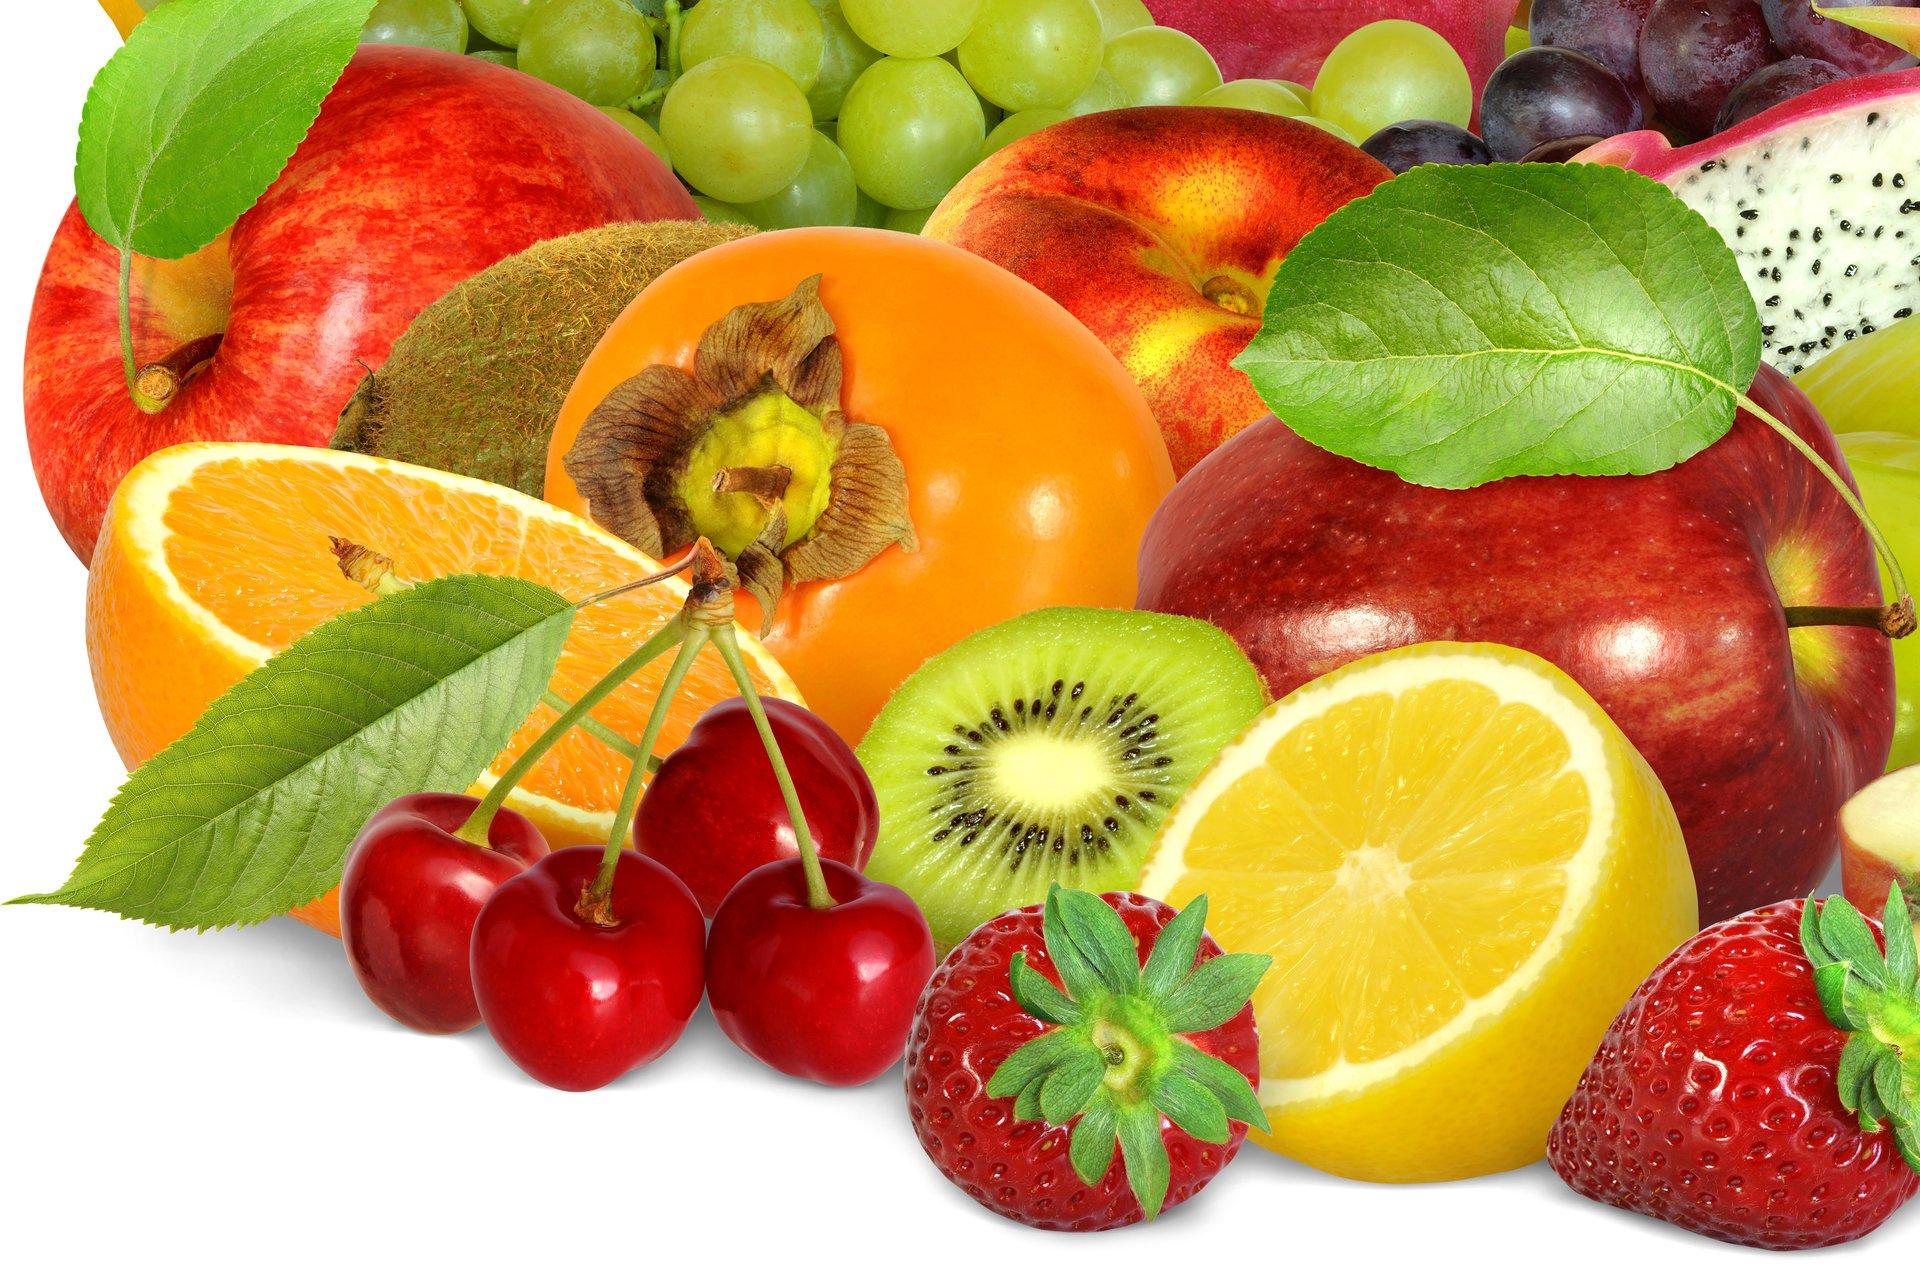 Картинки с фруктами на телефон